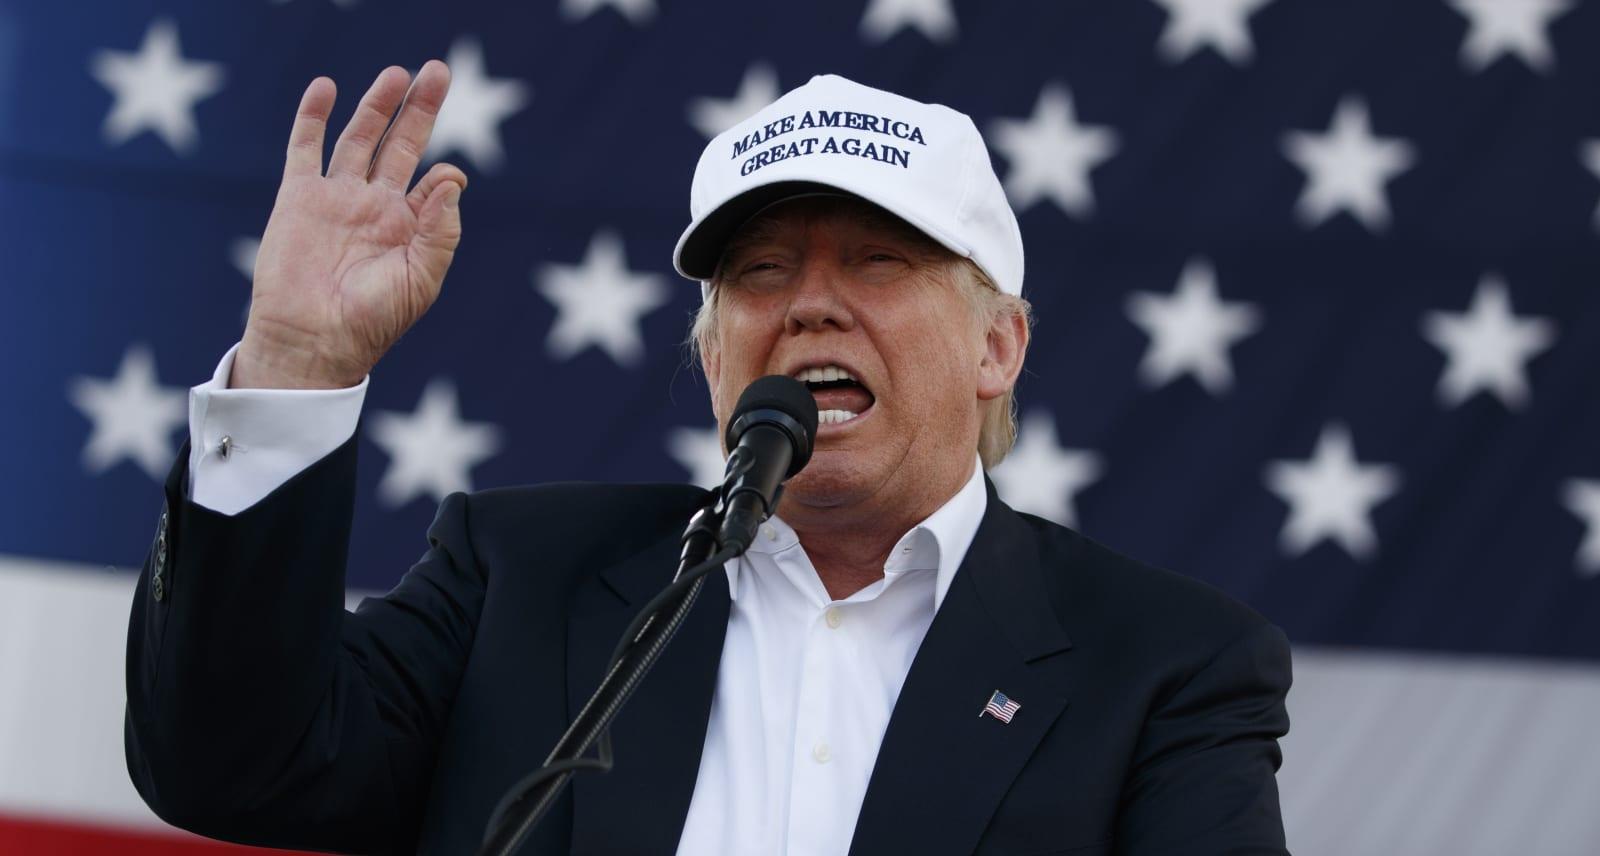 Campaign 2016 Trump Russia